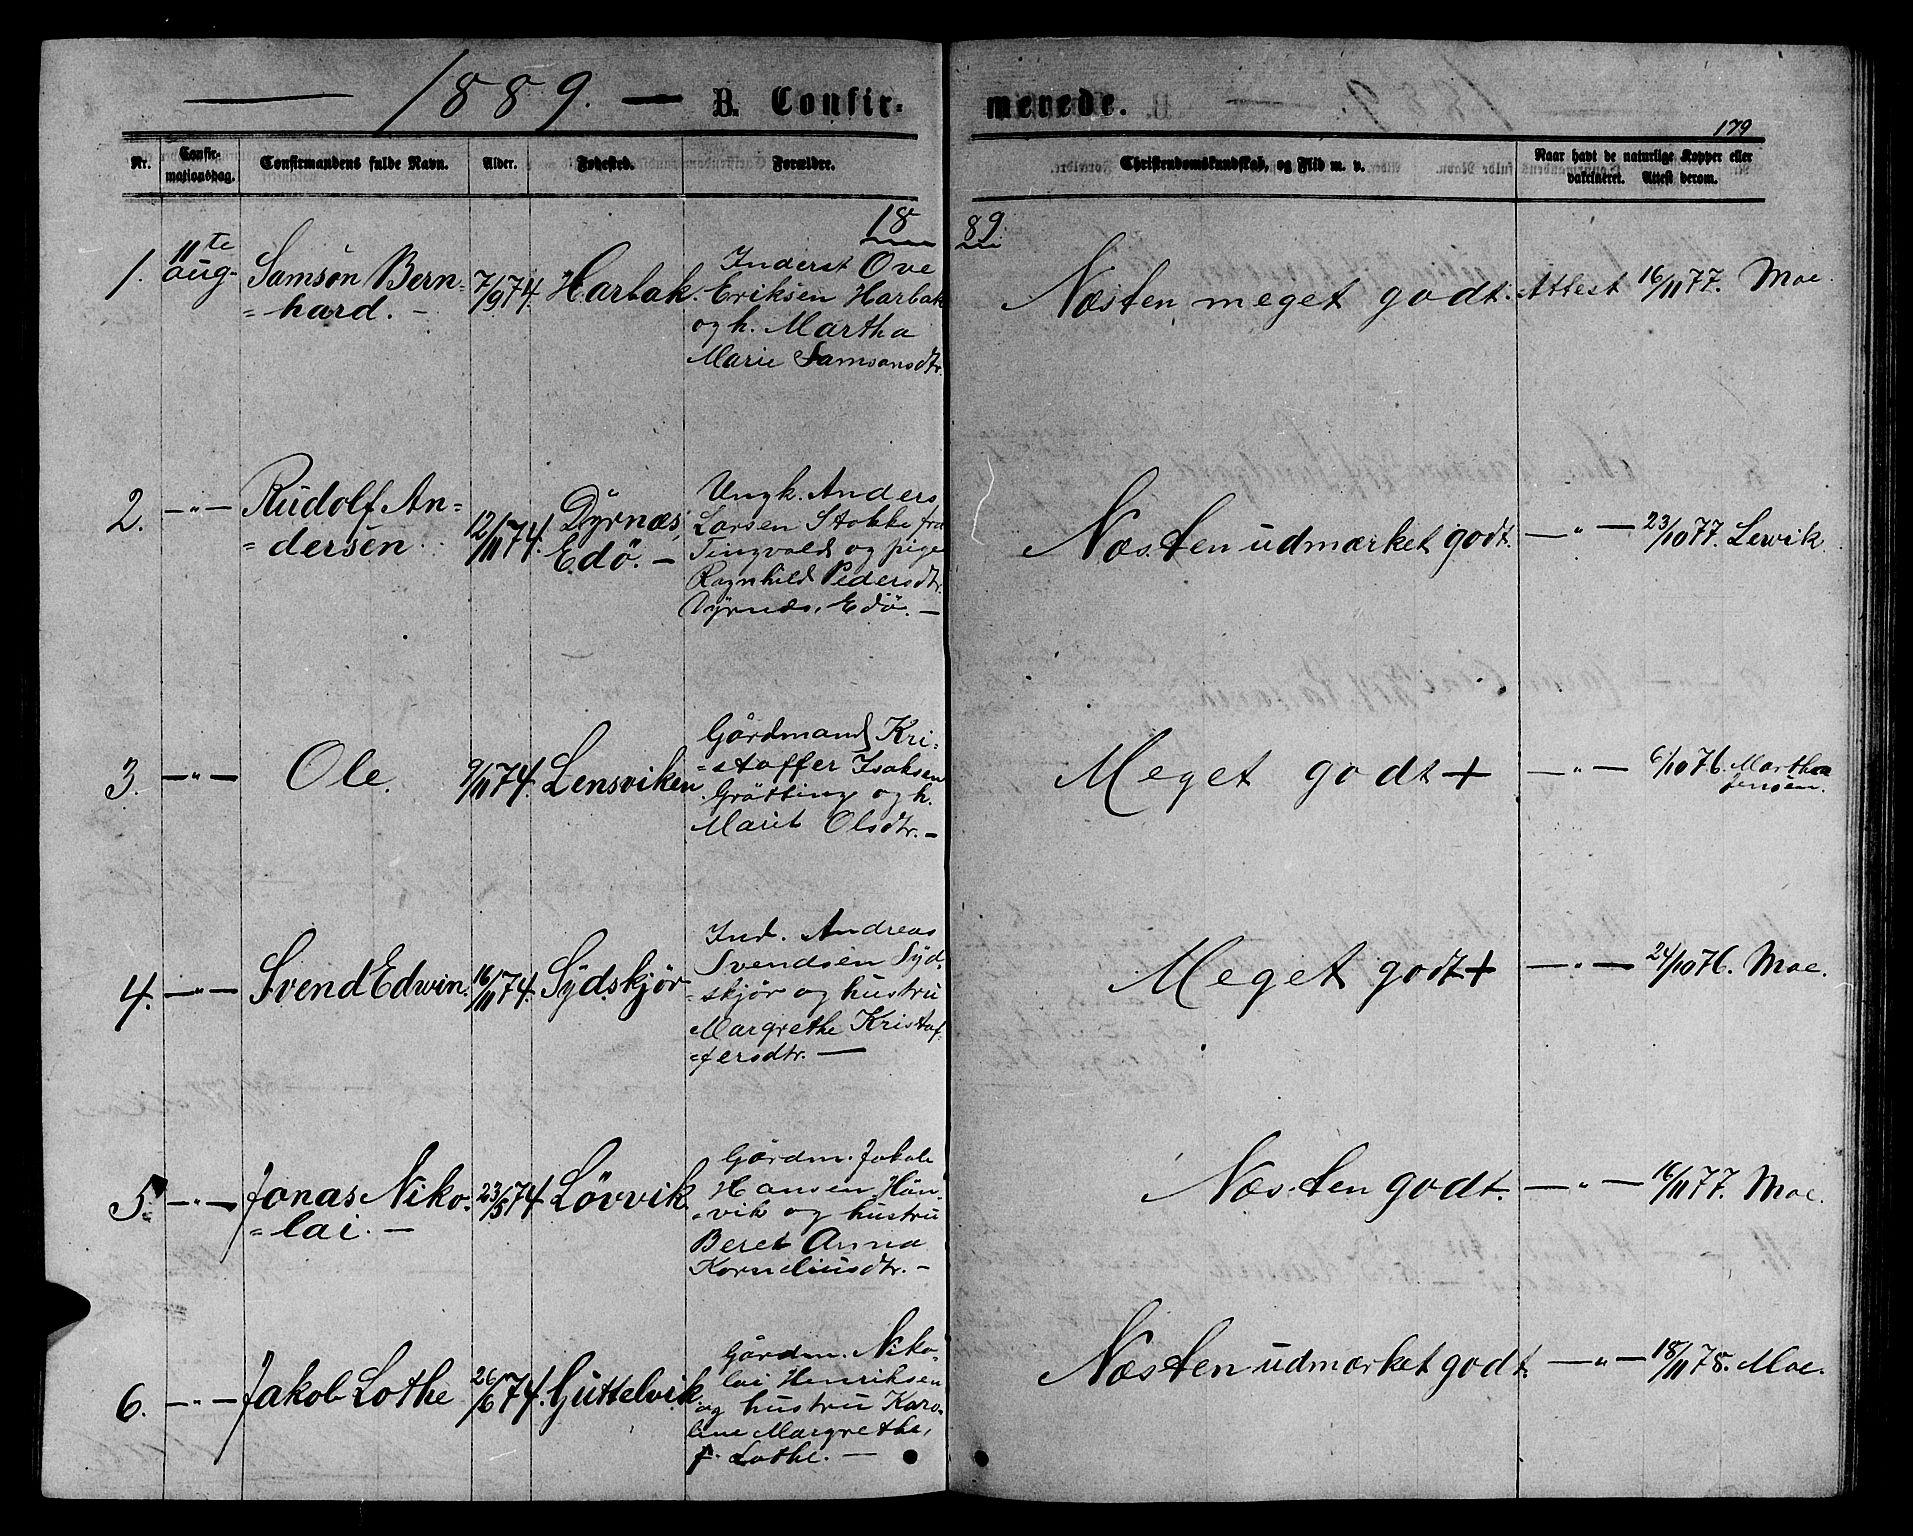 SAT, Ministerialprotokoller, klokkerbøker og fødselsregistre - Sør-Trøndelag, 656/L0695: Klokkerbok nr. 656C01, 1867-1889, s. 179